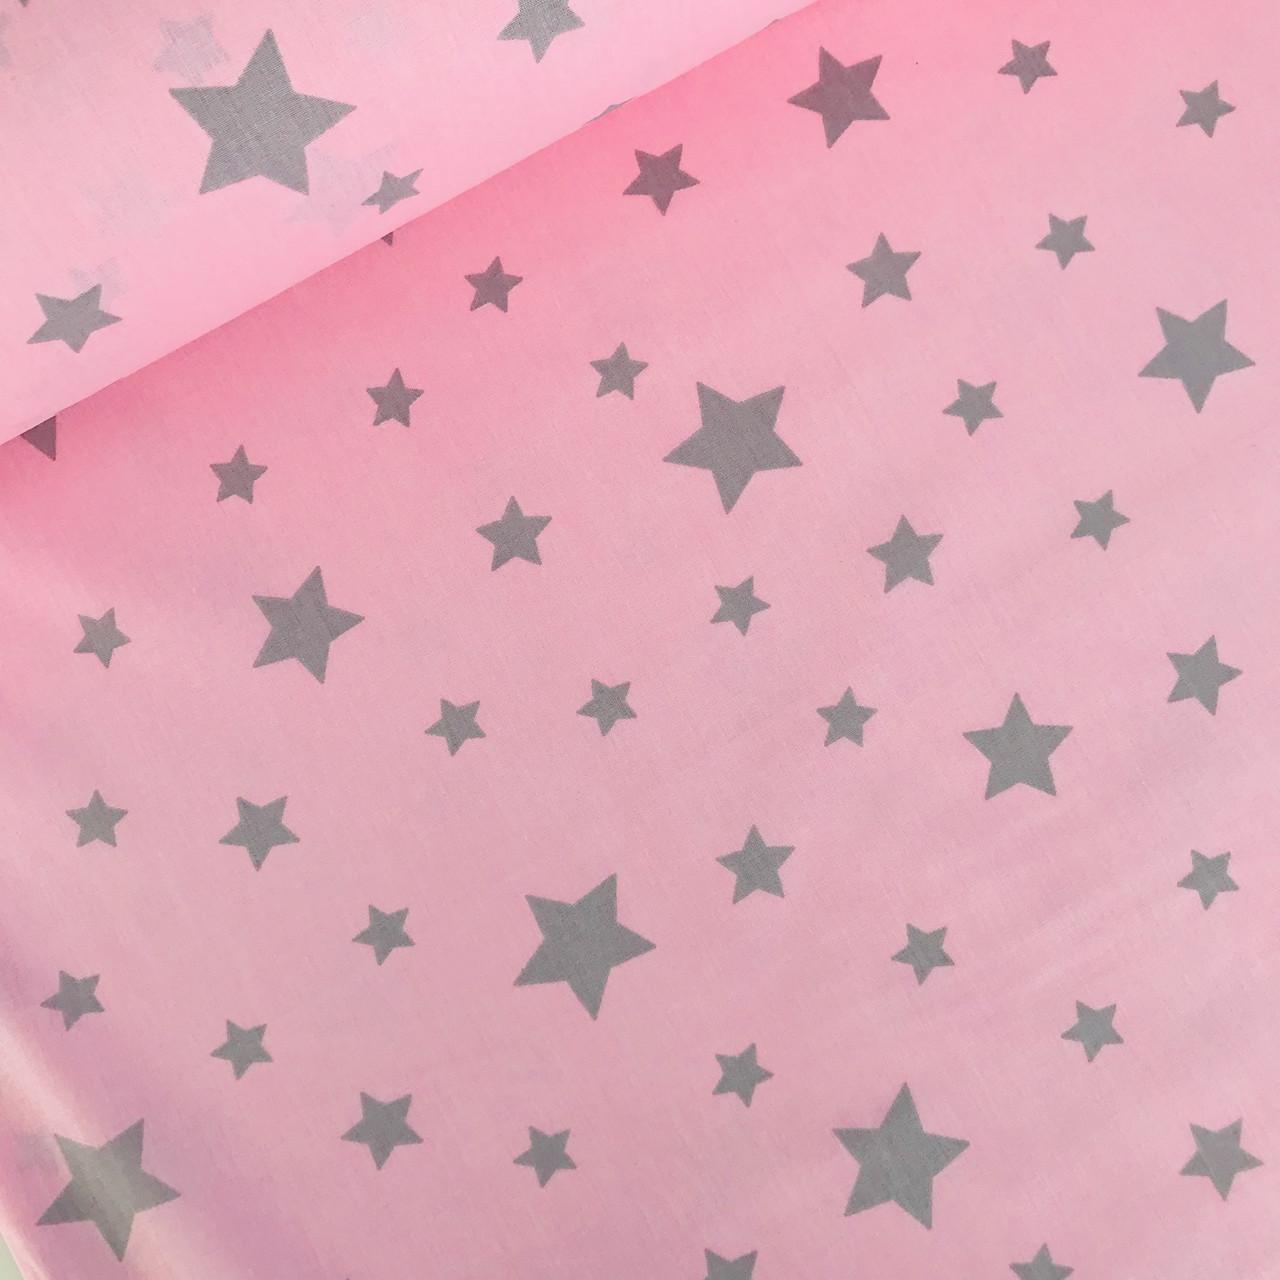 Хлопковая ткань (ТУРЦИЯ шир. 2,4 м) звездопад крупный серый на розовом